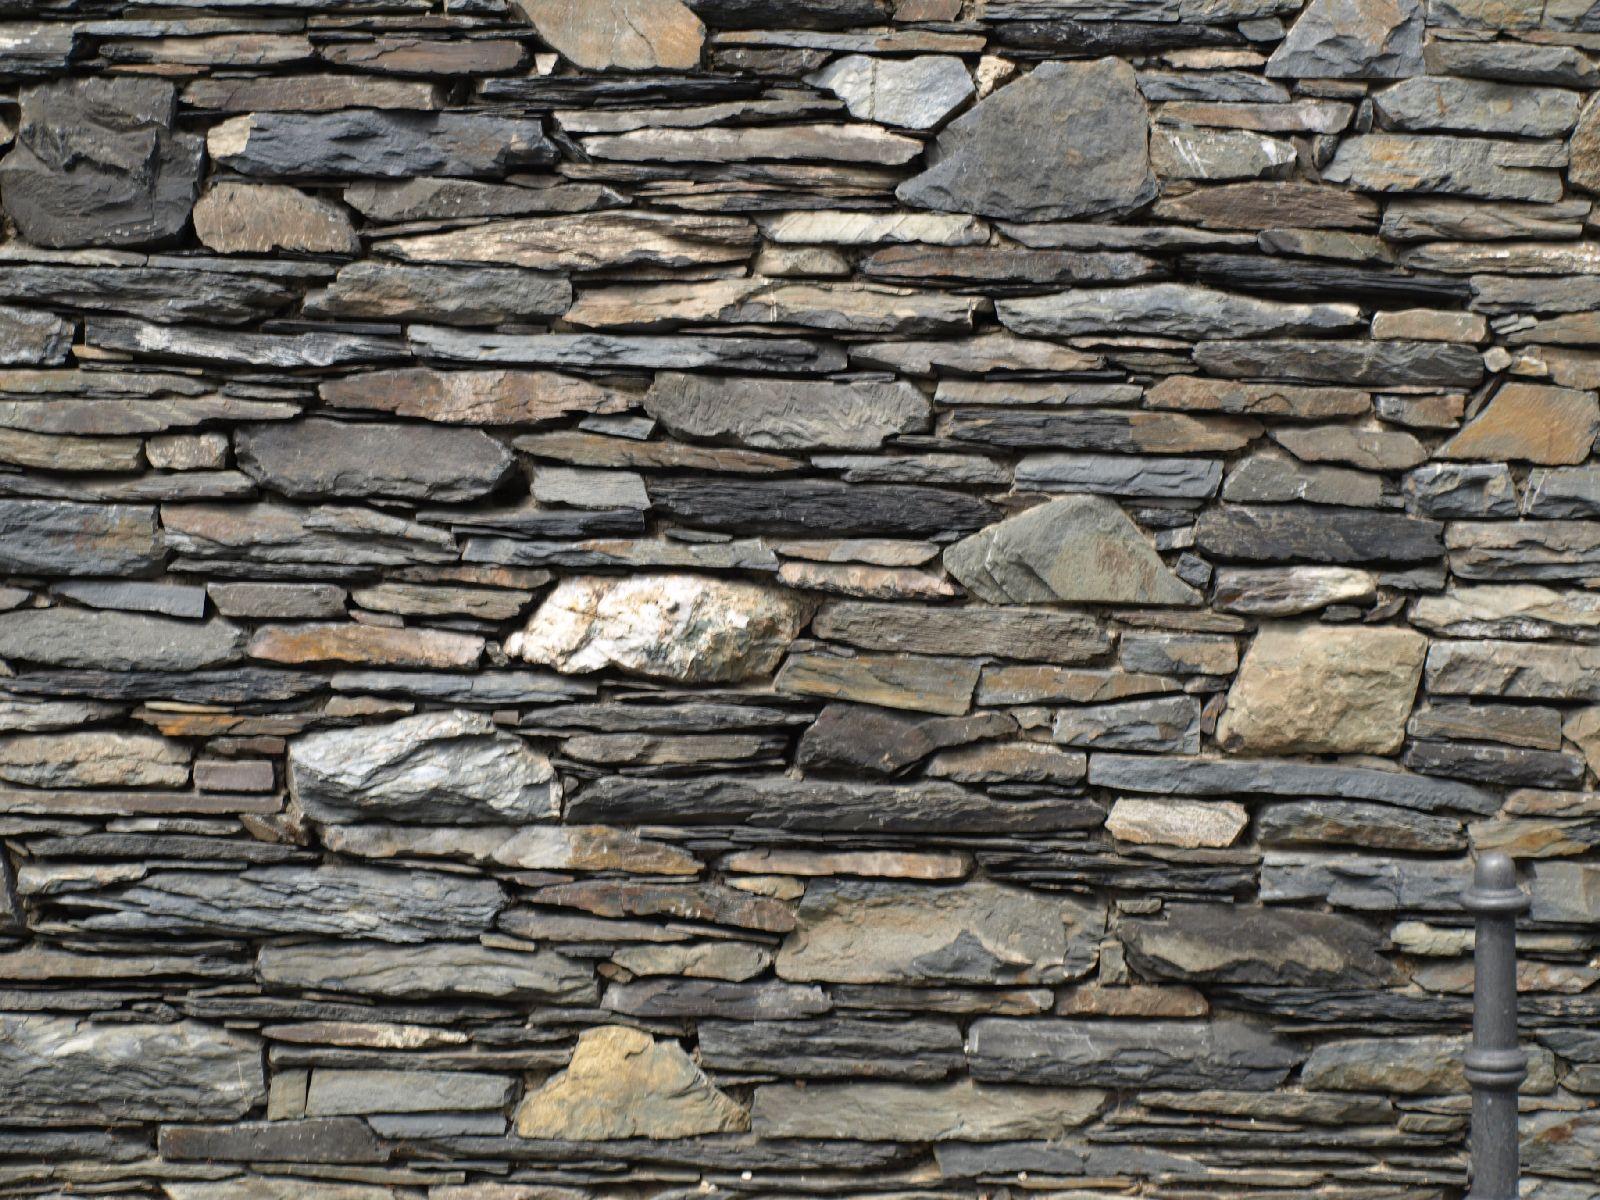 Brick_Texture_A_P6036233